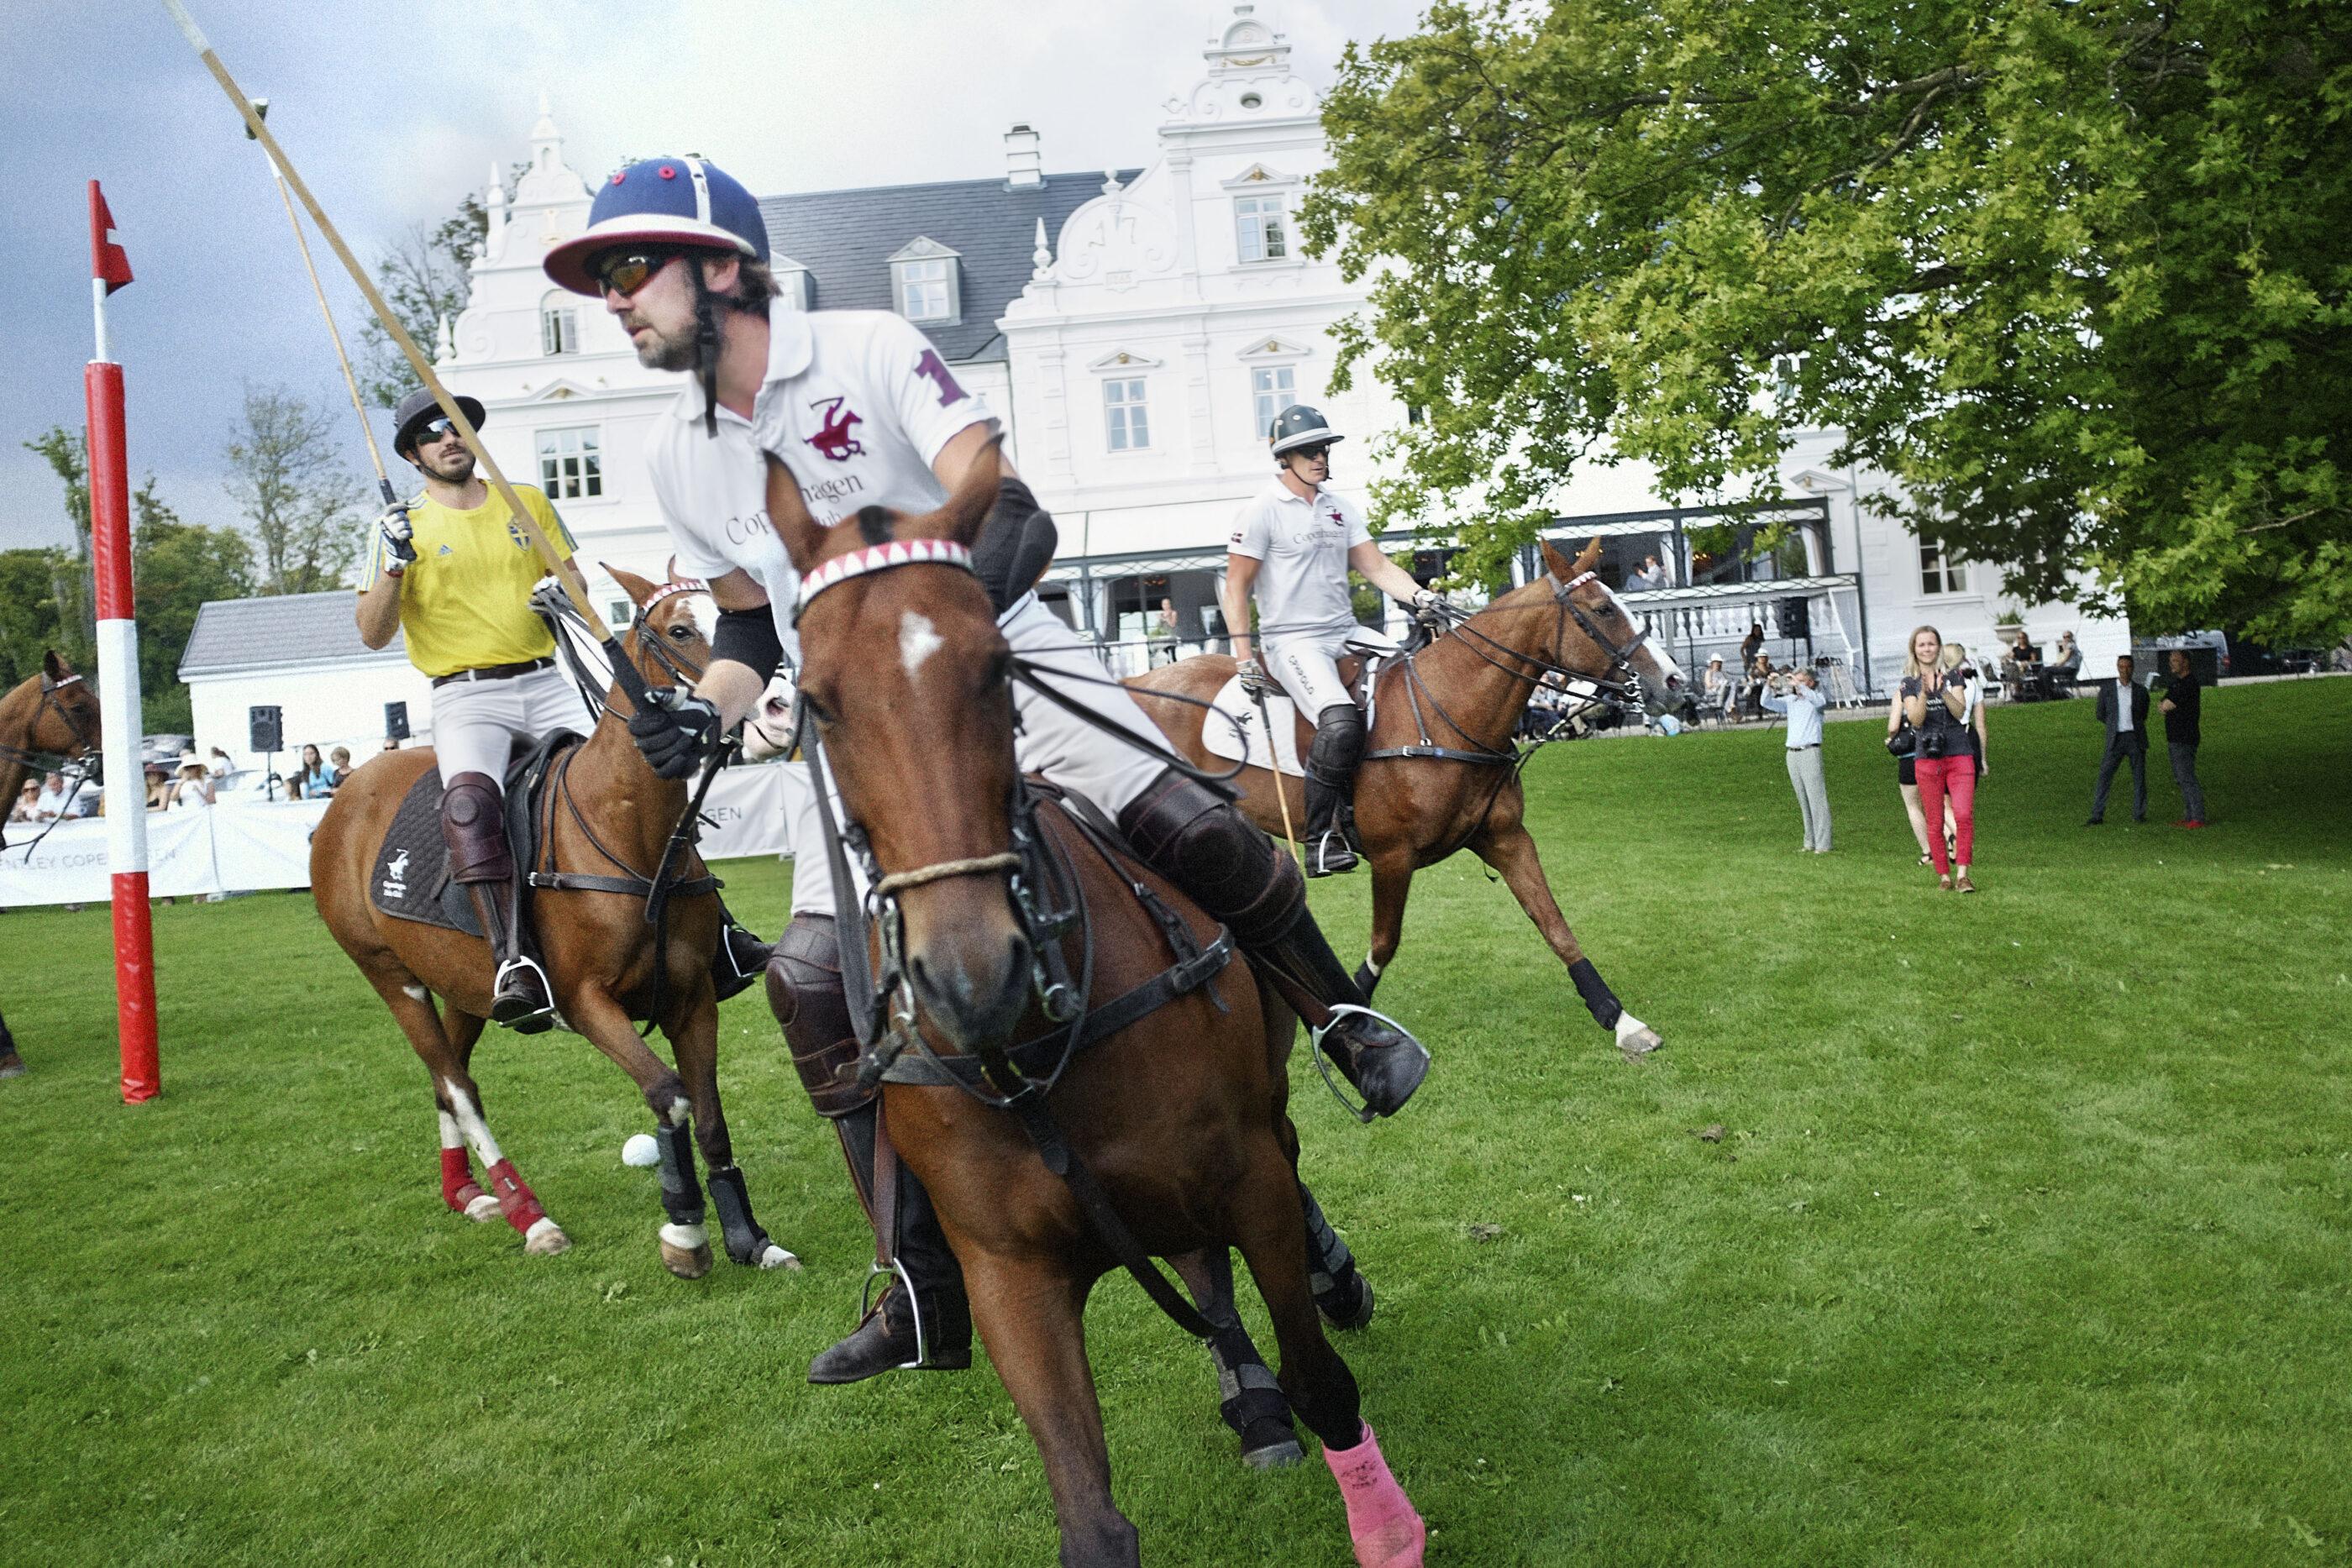 Ryttere på hest spiller Polo på Kokkedal Slots græsplæne